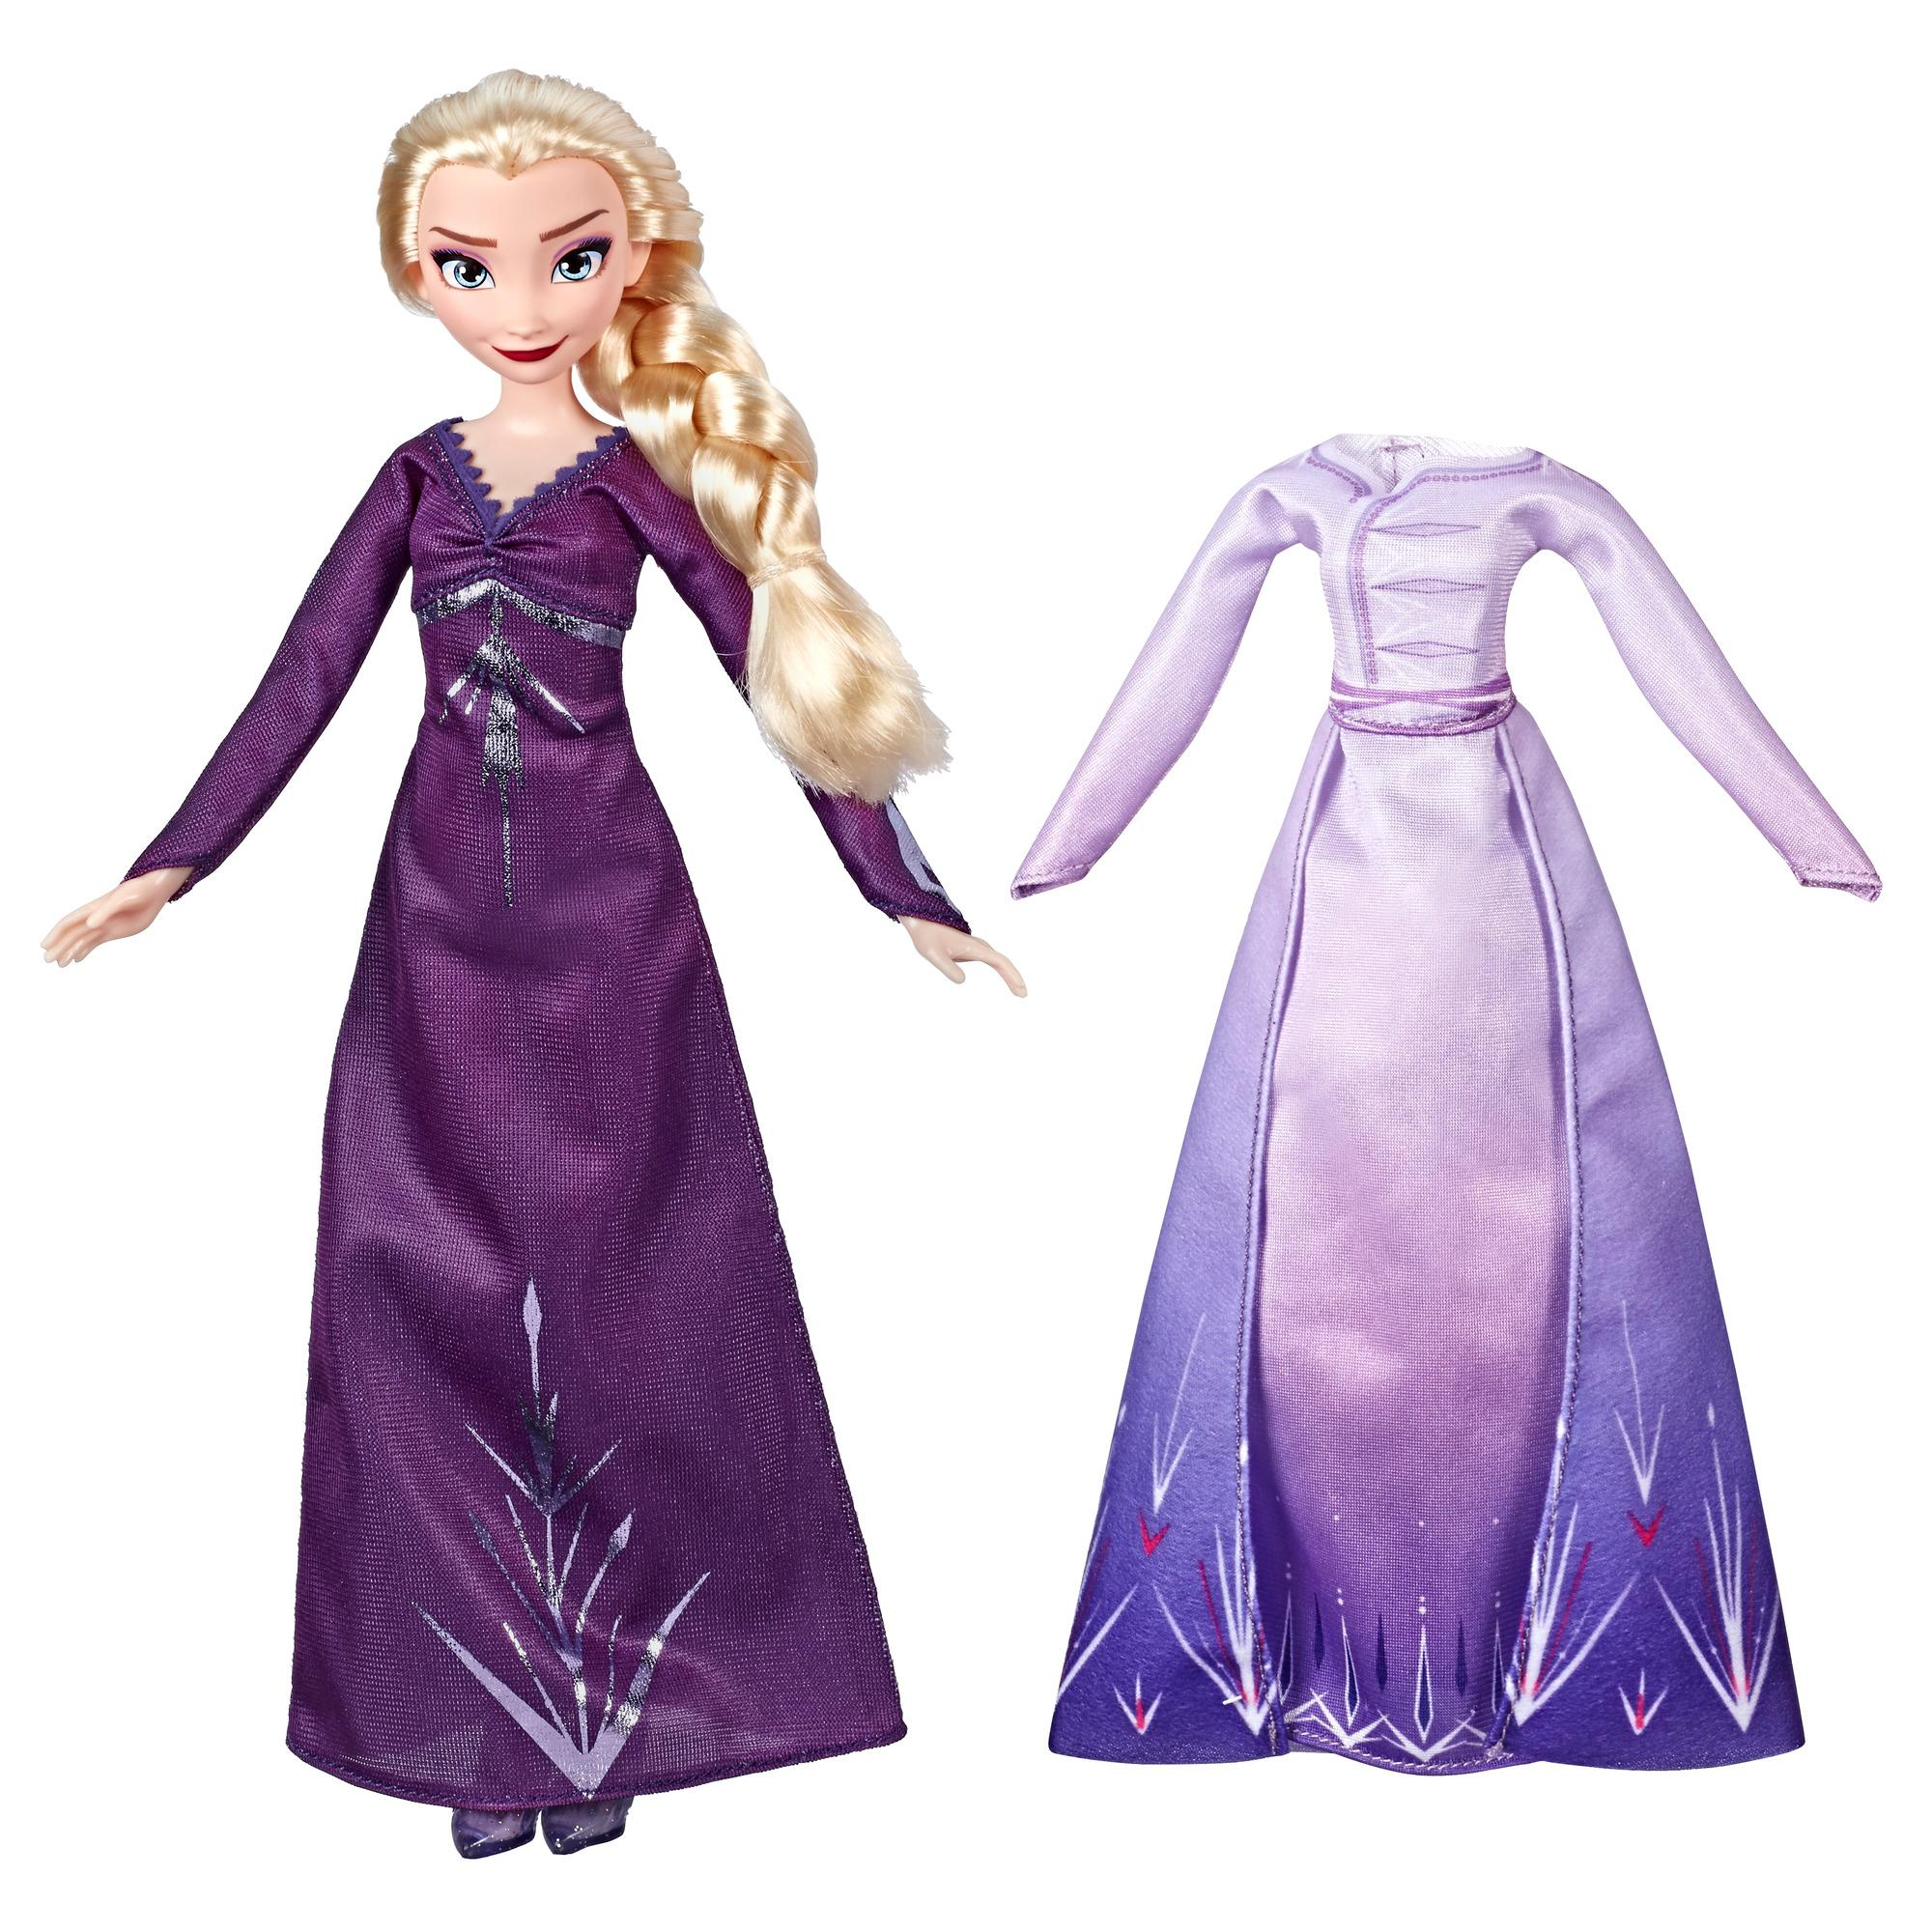 Frozen 2 Papusa Elsa cu costumatie de dormit